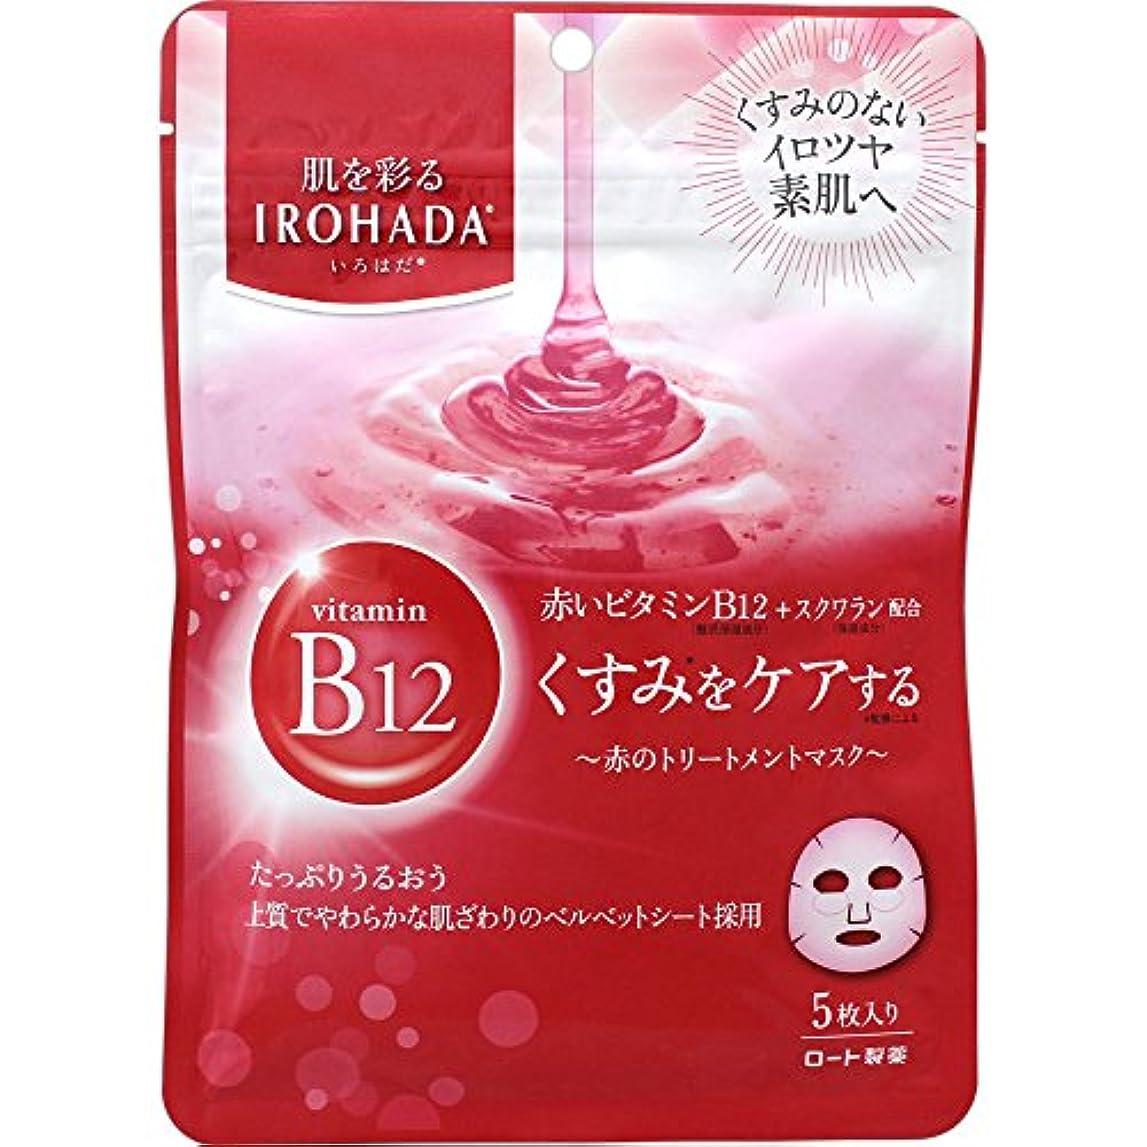 矩形飛躍サイトロート製薬 いろはだ (IROHADA) 赤いビタミンB12×スクワラン配合 トリートメントマスク 5枚入り